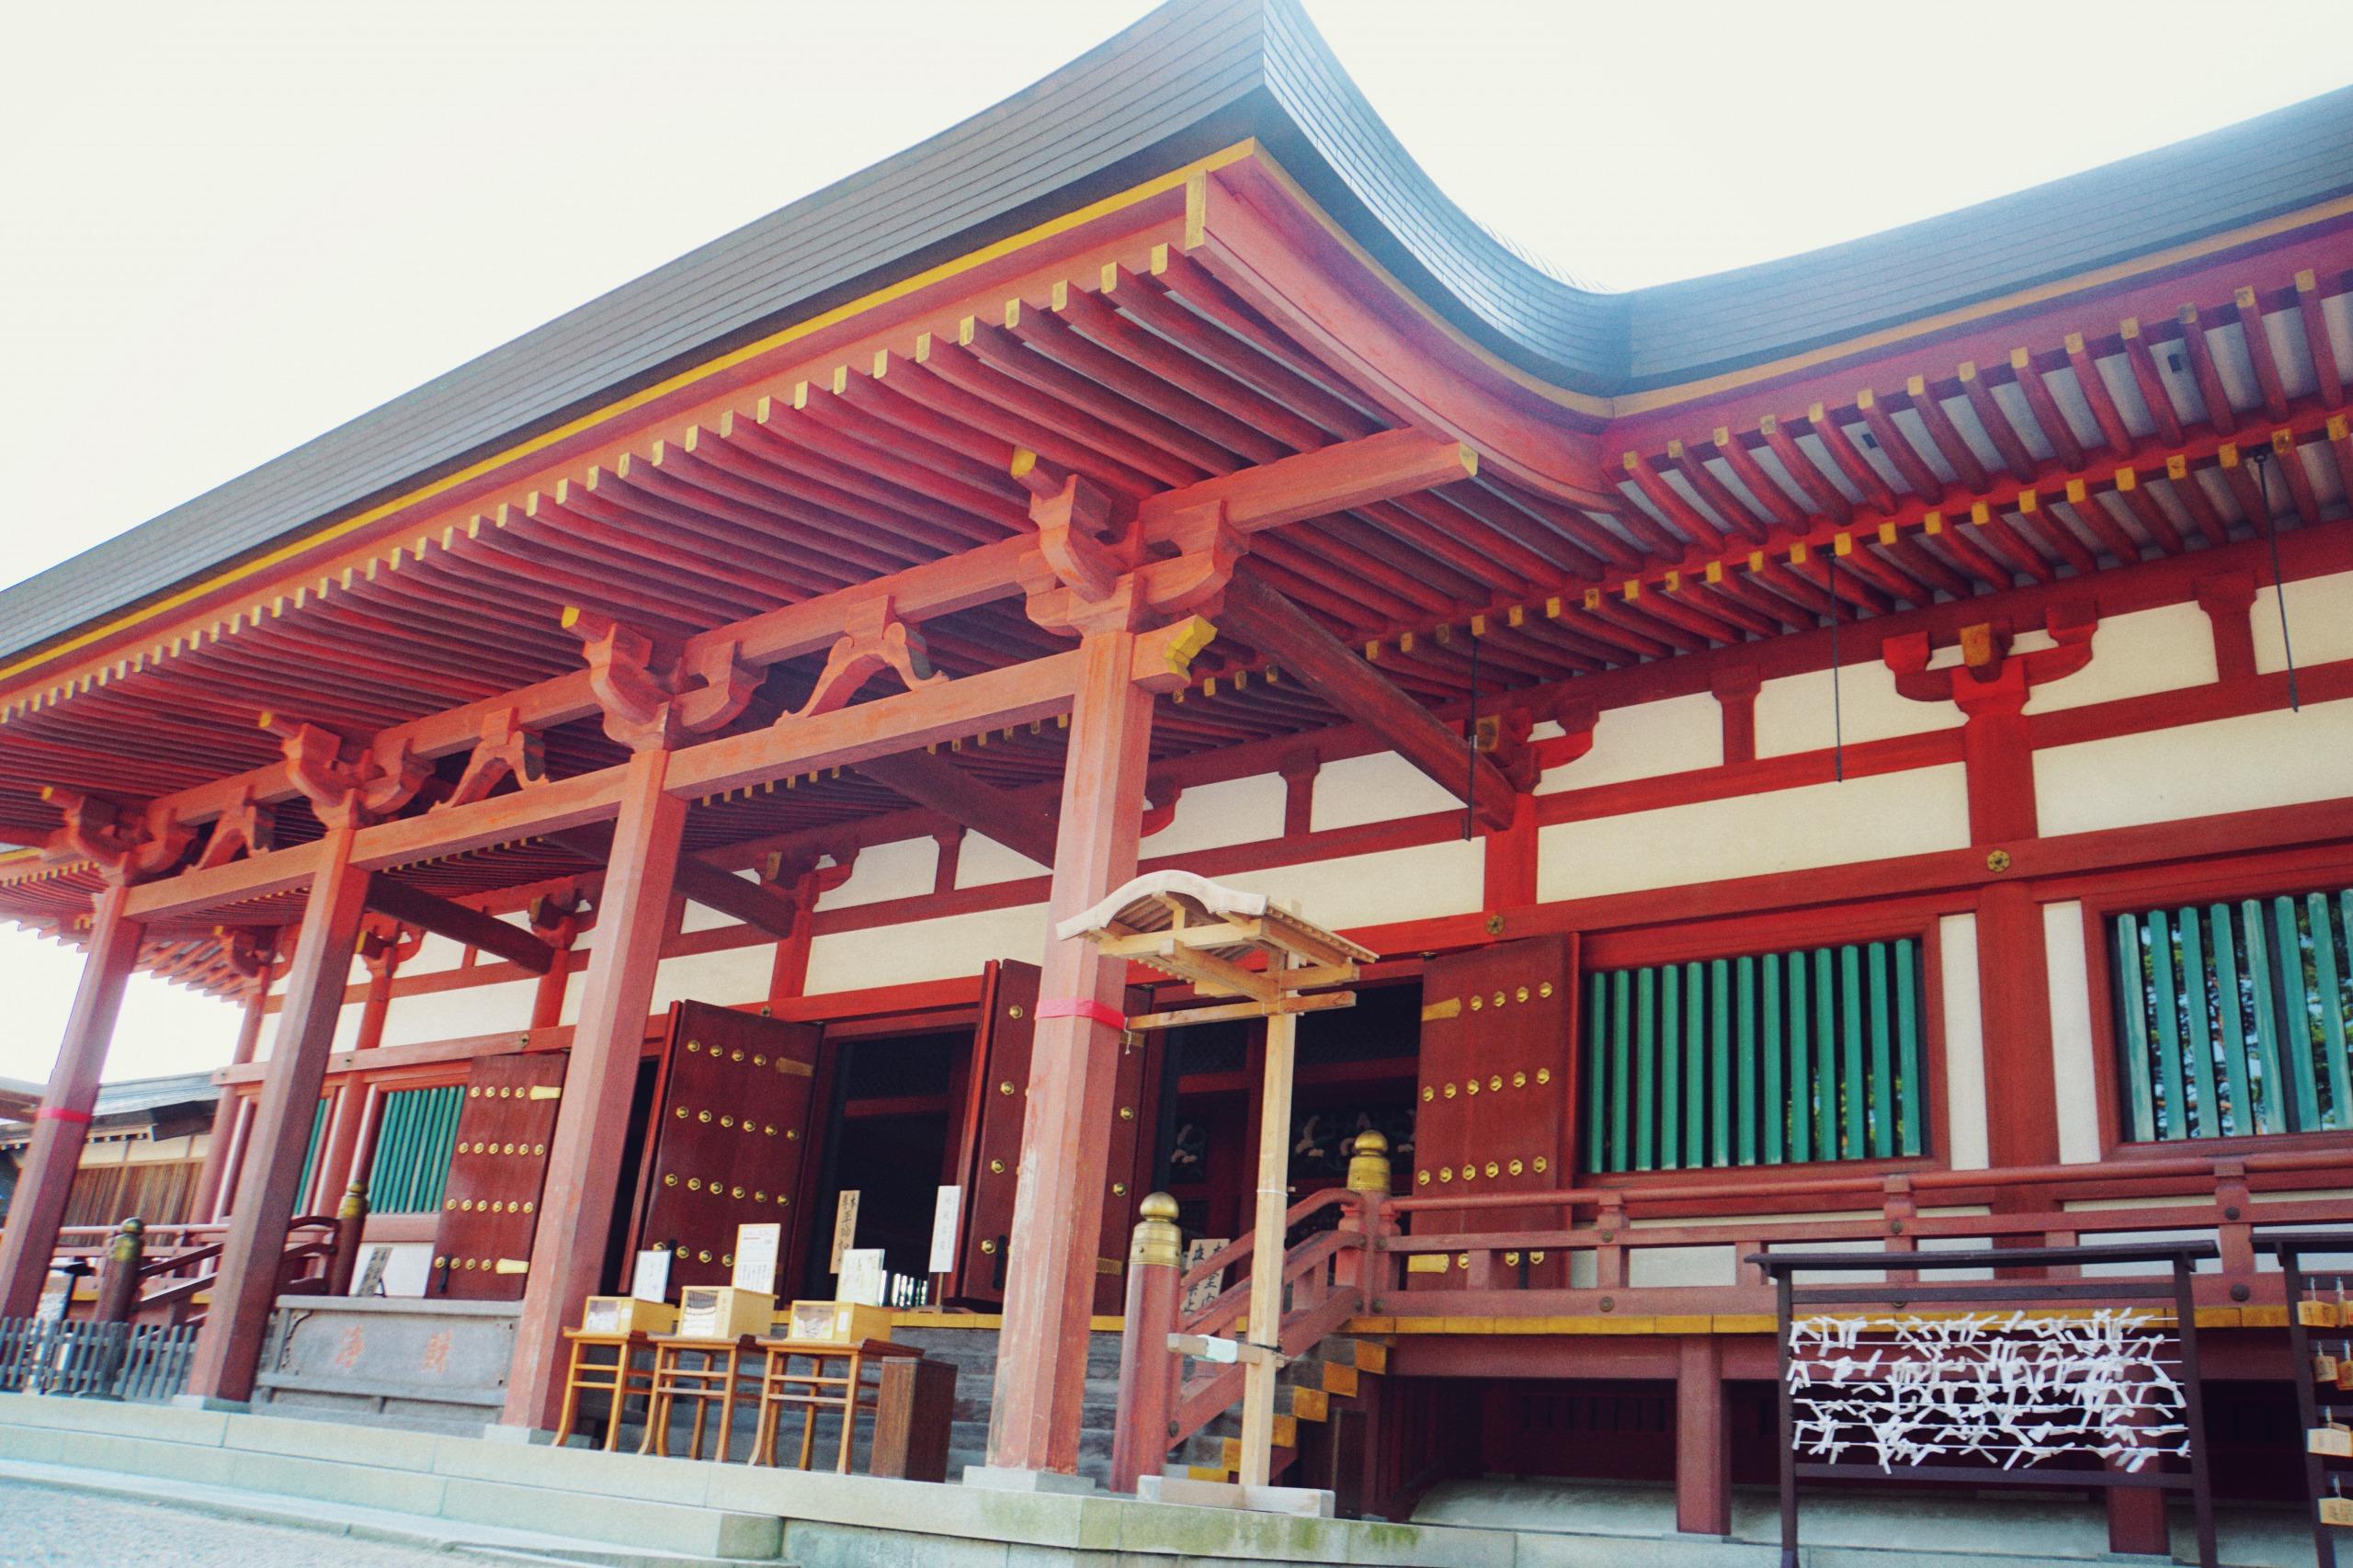 岩手県平泉町の「毛越寺」に行ってきました。